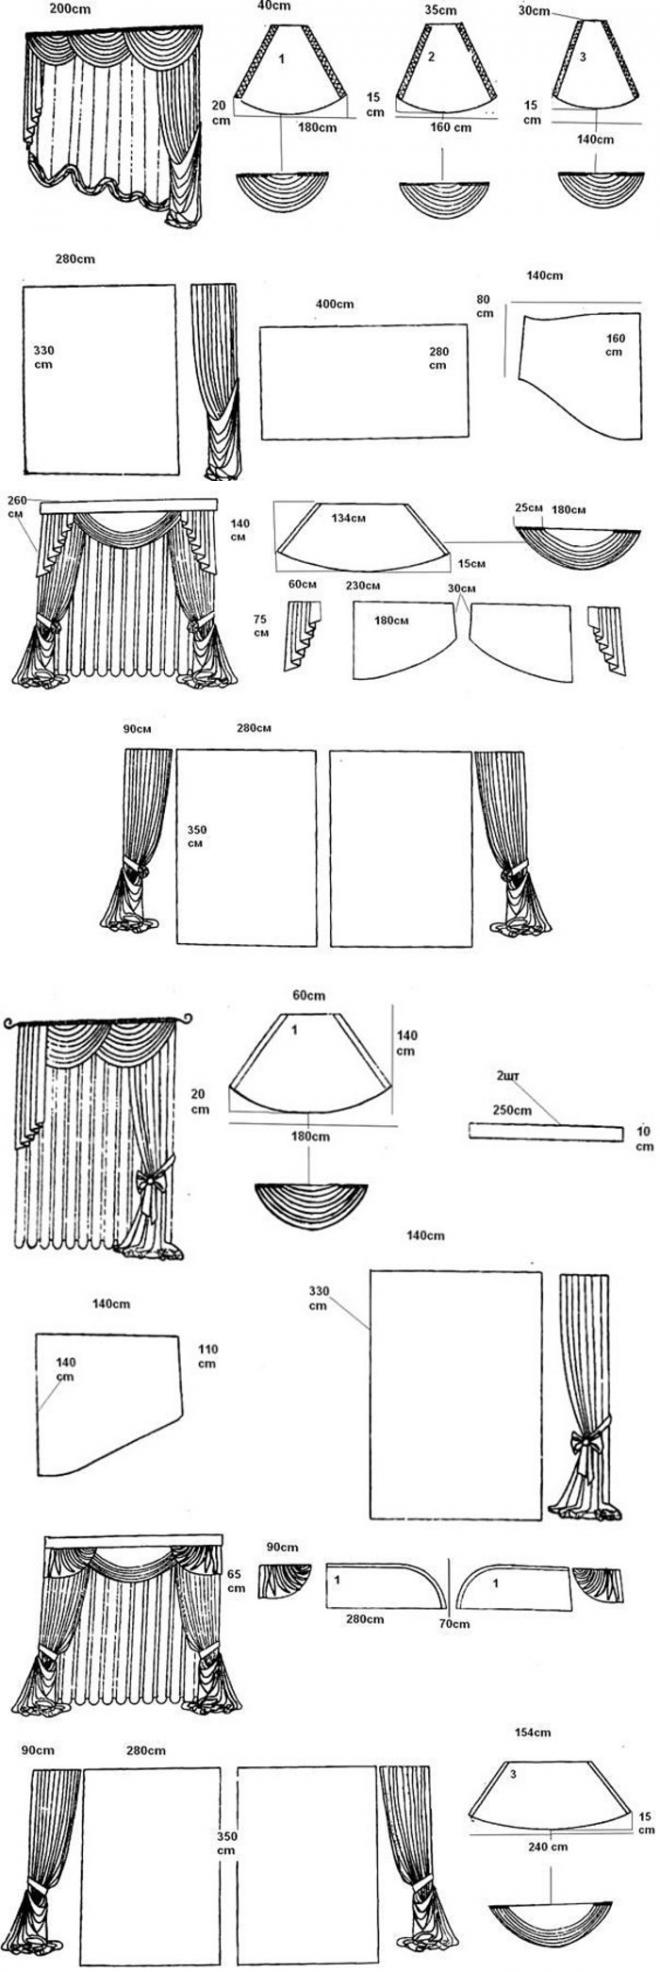 Занавески своими руками: пошаговое руководство и идеи для пошива